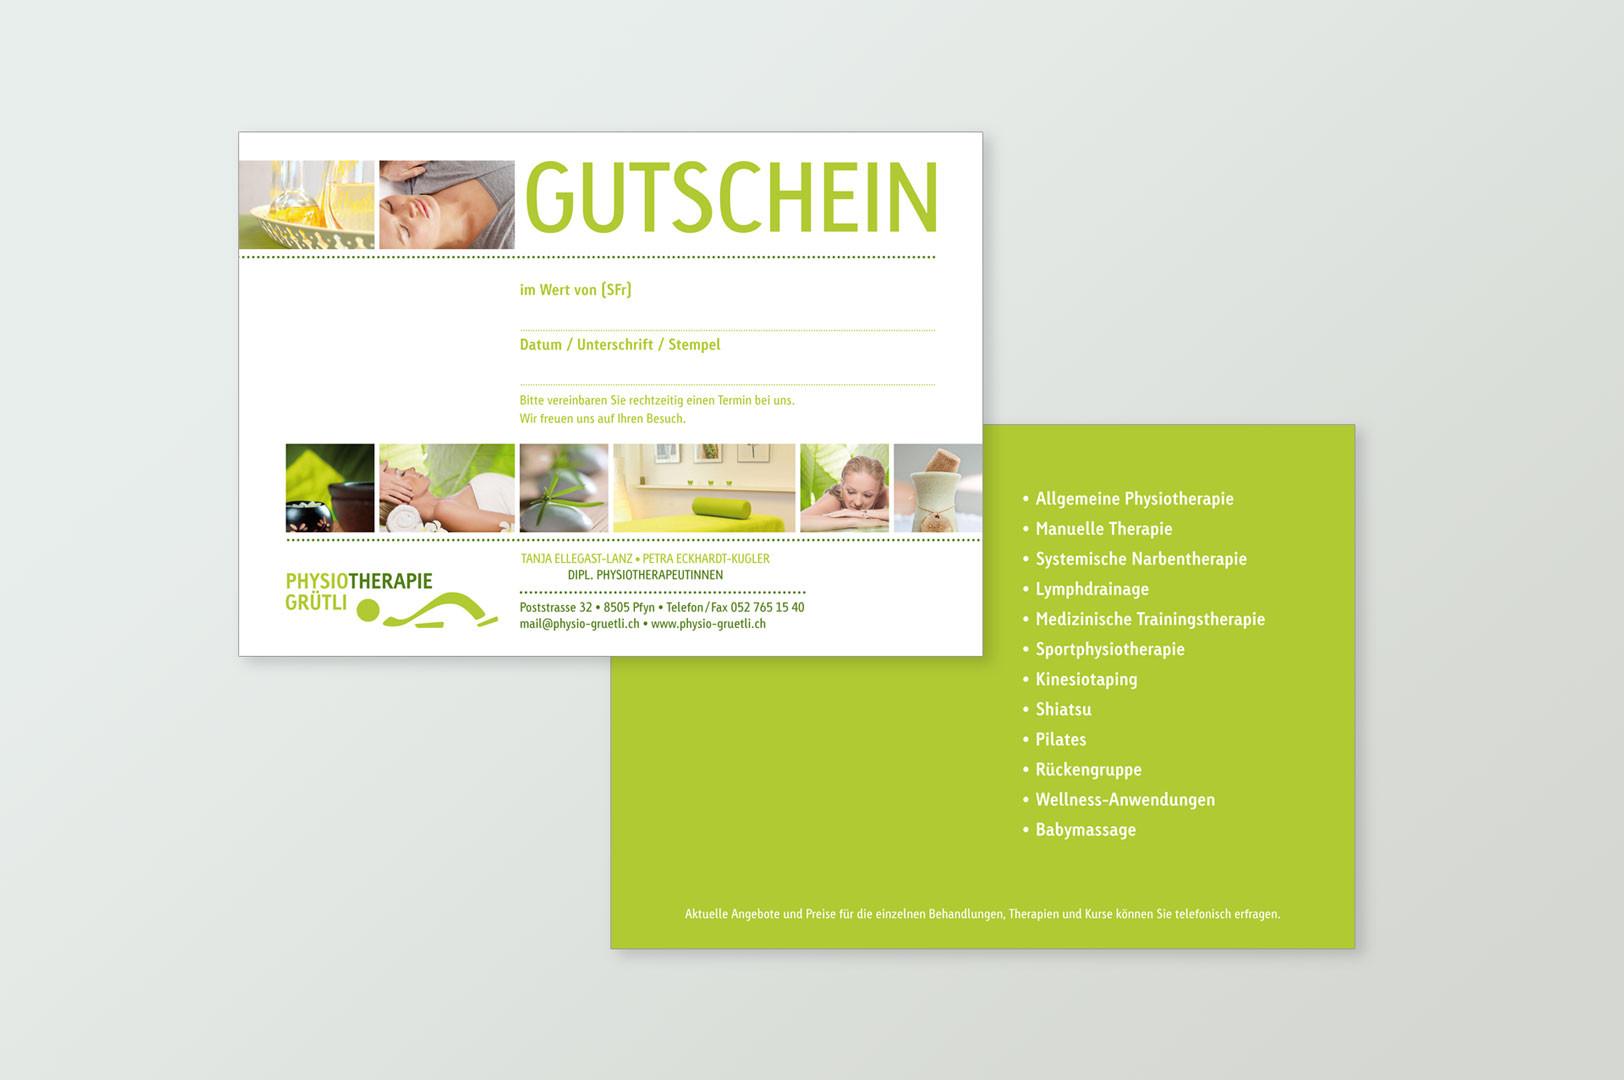 Physio_Gruetli_Gutschein.jpg